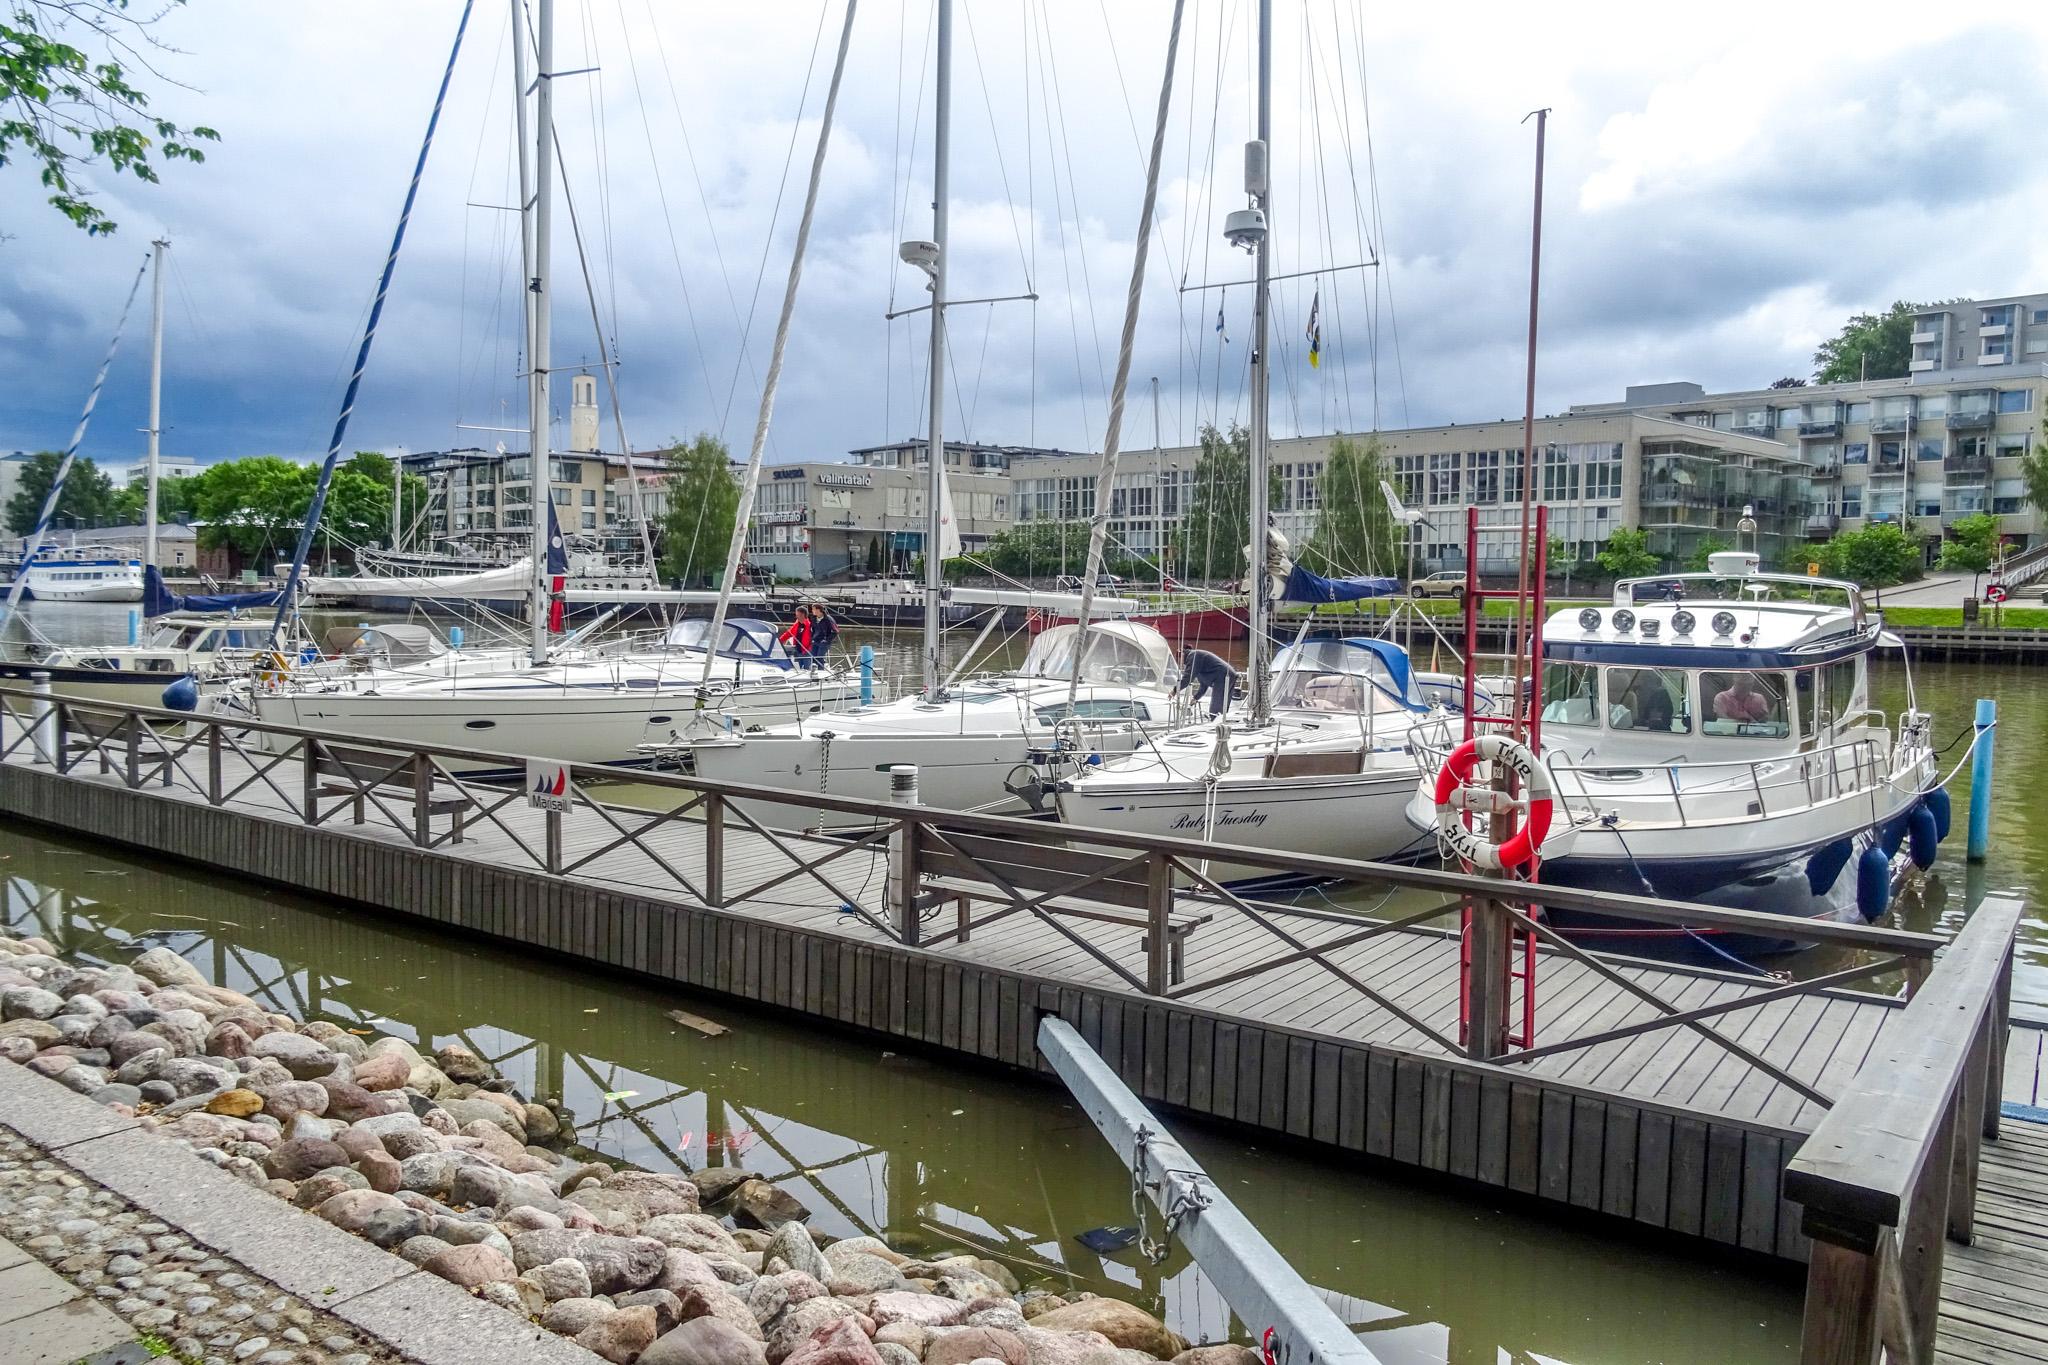 Liegeplatz in Turku im Guestharbour